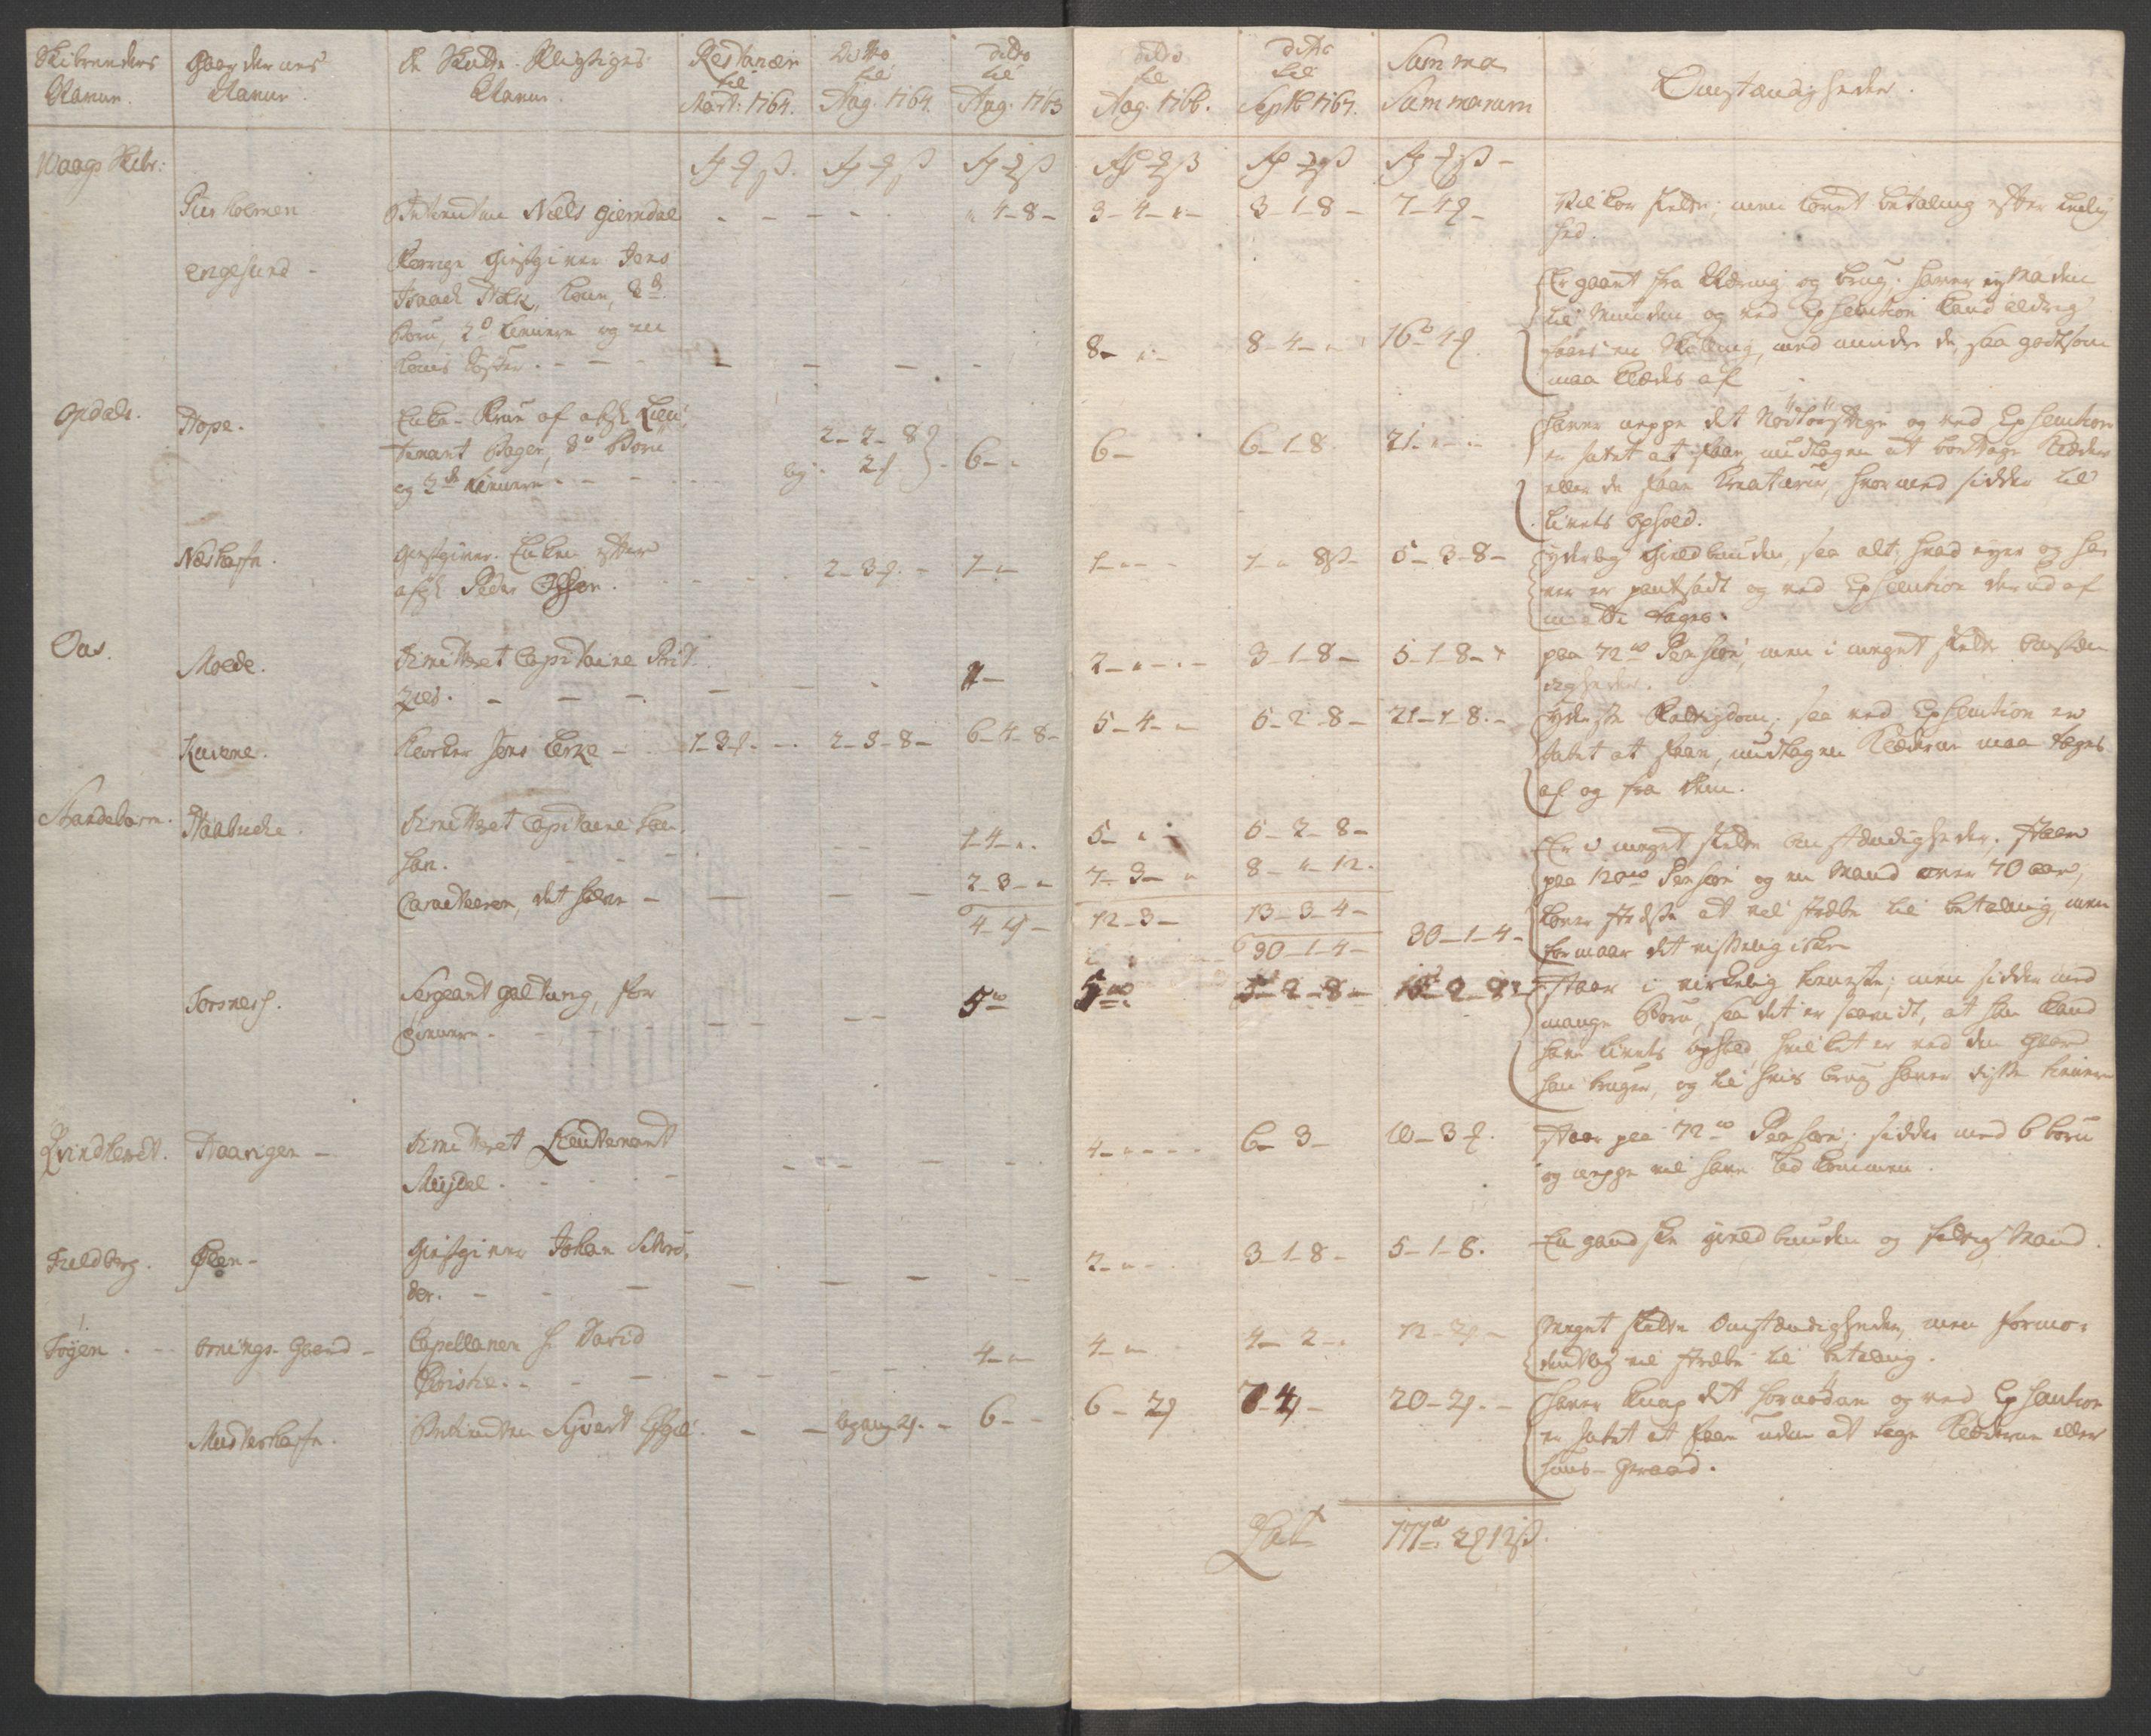 RA, Rentekammeret inntil 1814, Reviderte regnskaper, Fogderegnskap, R48/L3136: Ekstraskatten Sunnhordland og Hardanger, 1762-1772, p. 234